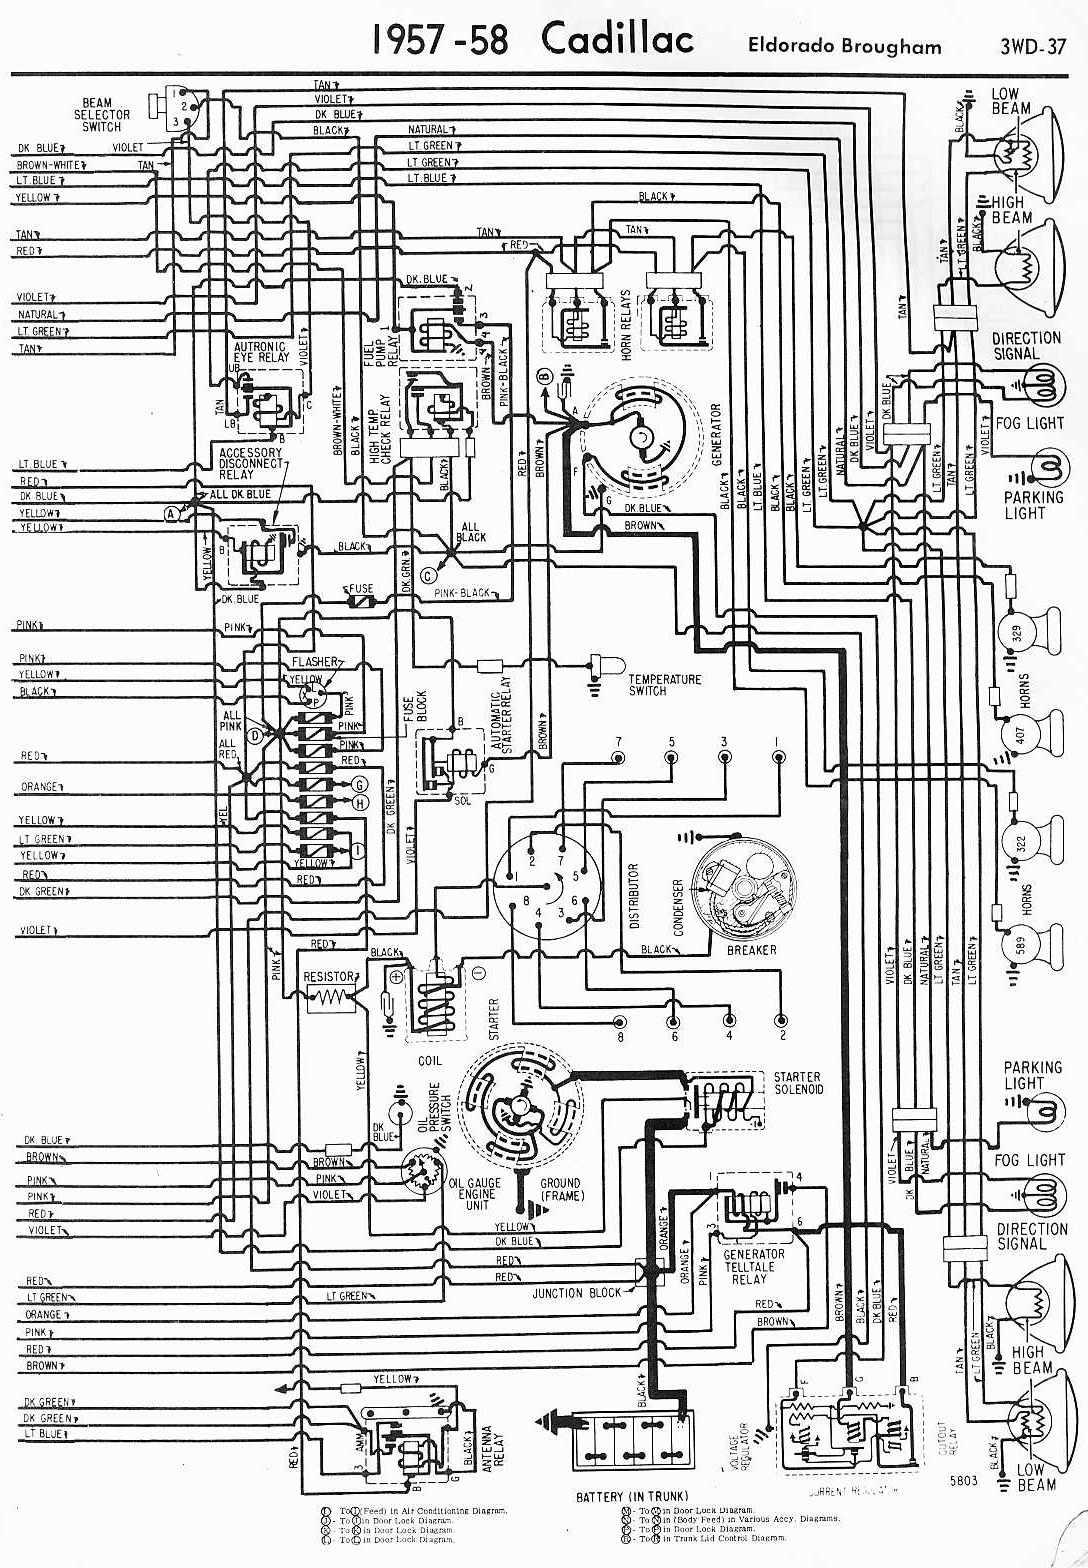 1979 Cadillac Seville Wiring Diagram Arbortechus